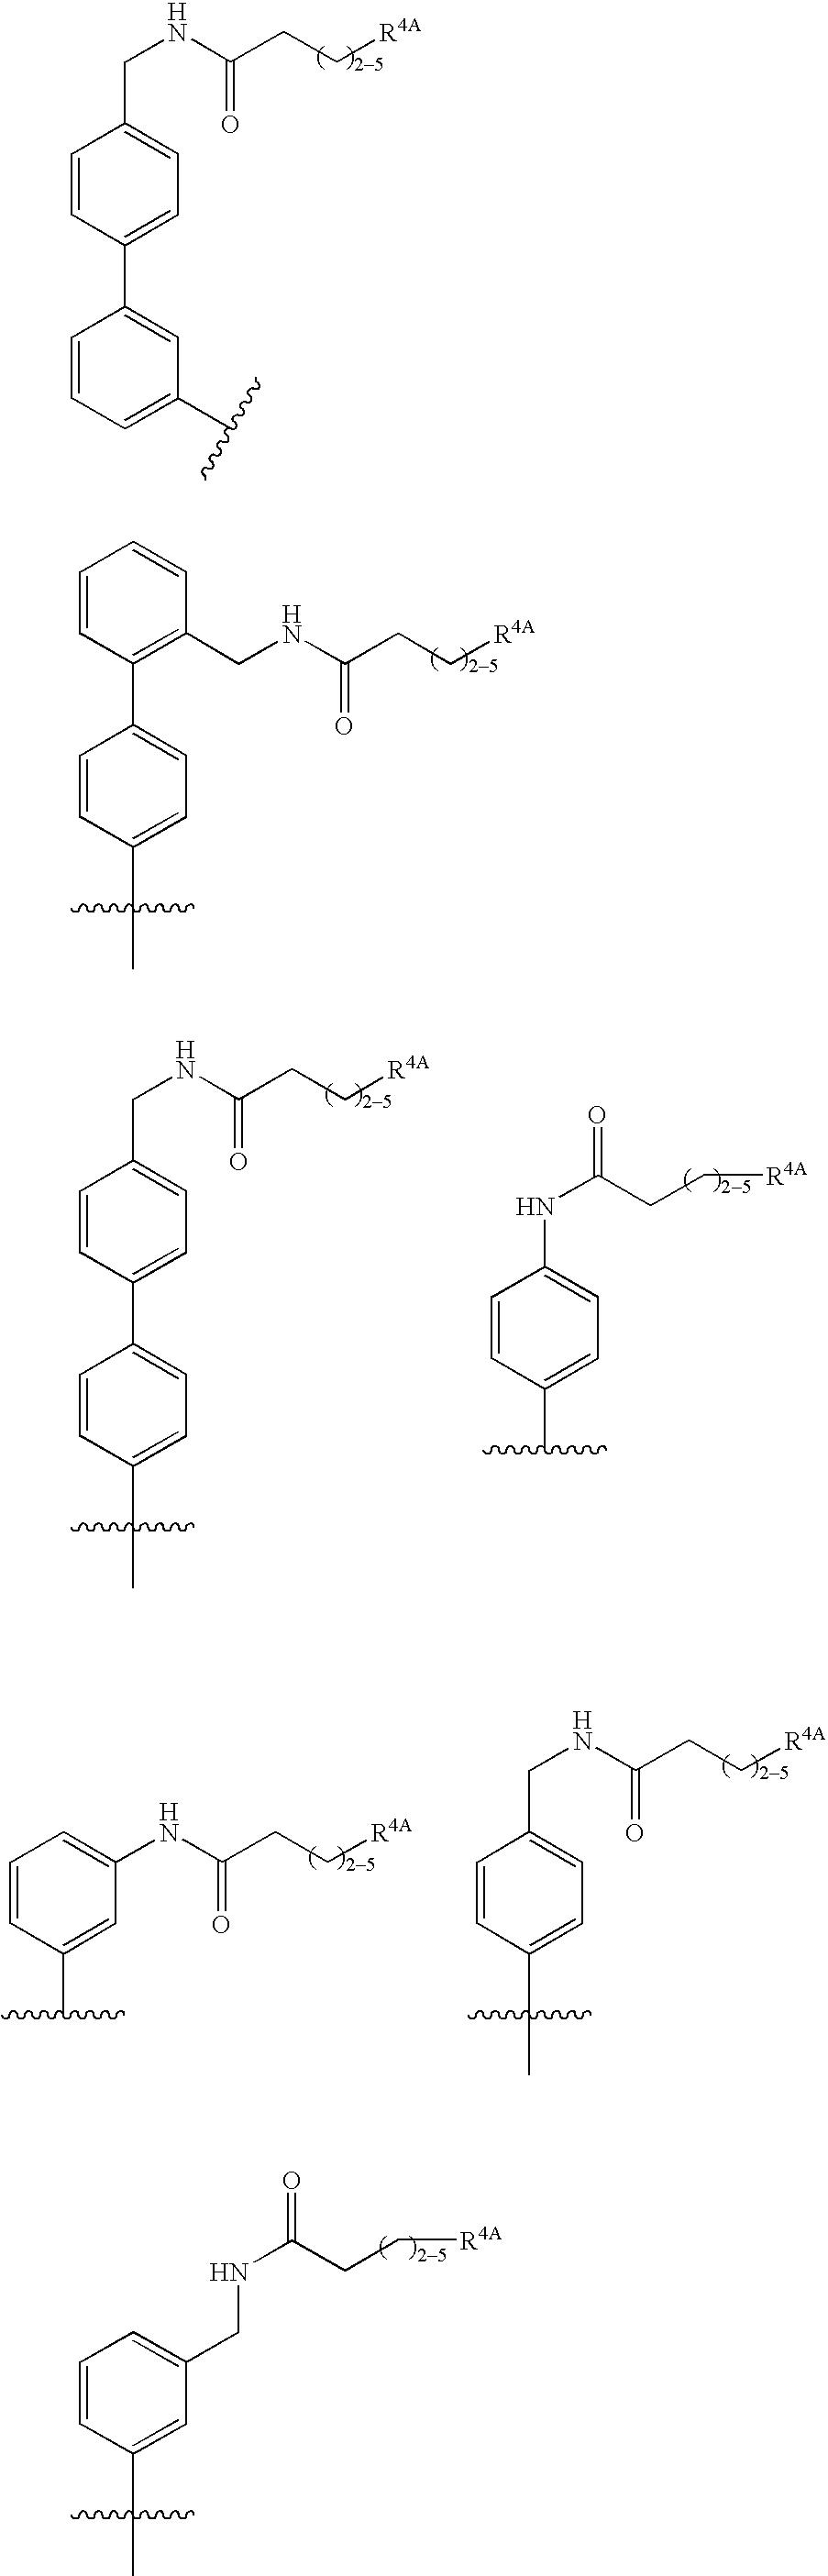 Figure US20040072849A1-20040415-C00062